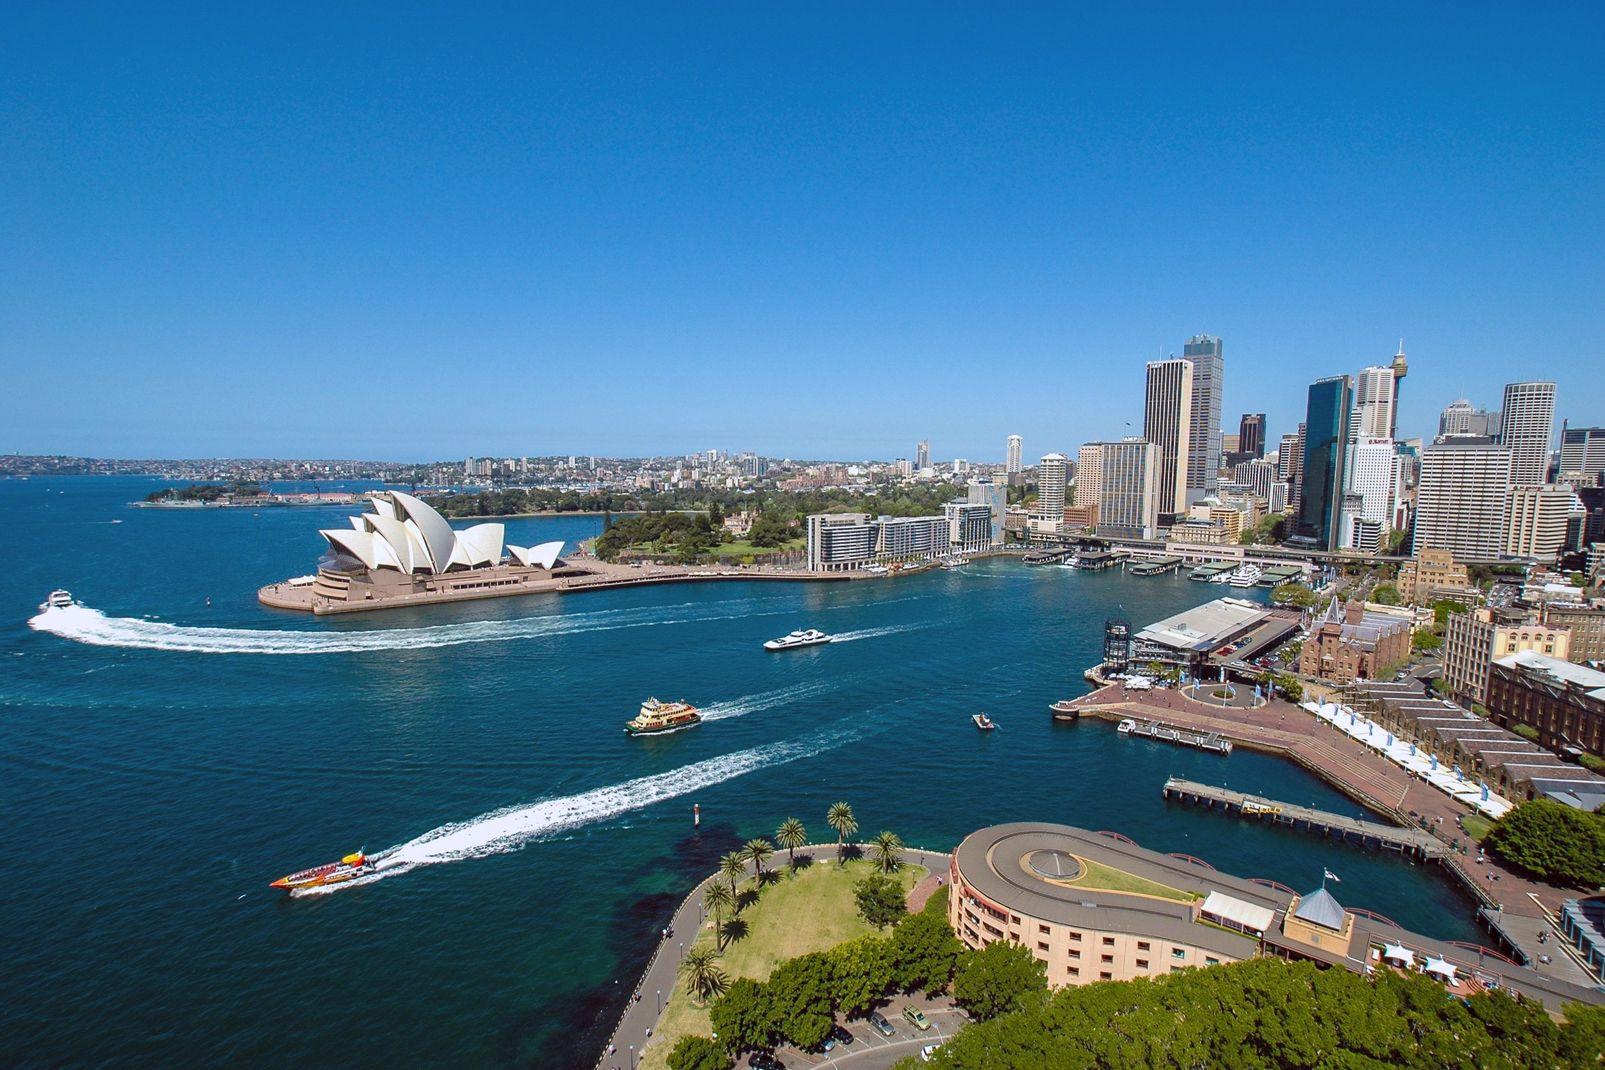 Océanie, australie, sydney, opéra